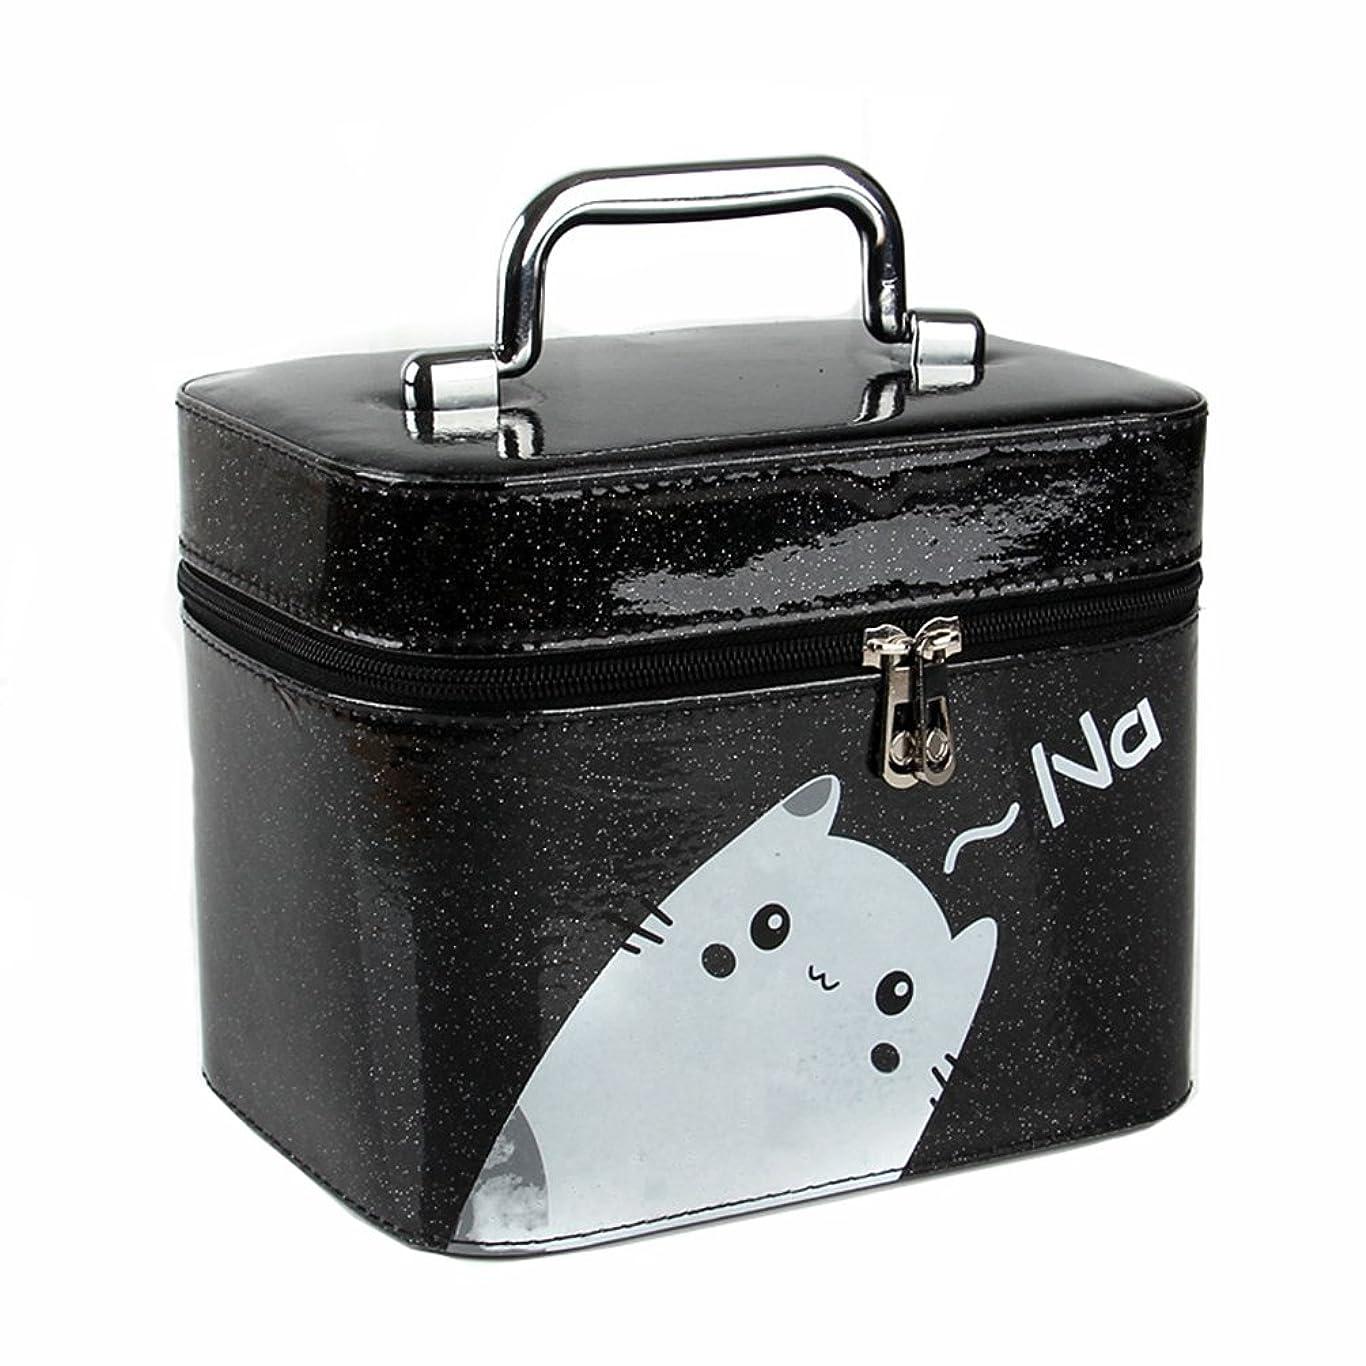 特定のの配列の量大容量 メイクボックス コスメボックス 猫ちゃん かわいい スメBOX 化粧品 収納ボックス 化粧ポーチ メイクポーチ 携帯便利 女性用 女の子 ミラー付き 取っ手付き おしゃれ 鏡付き 機能的 防水 化粧箱